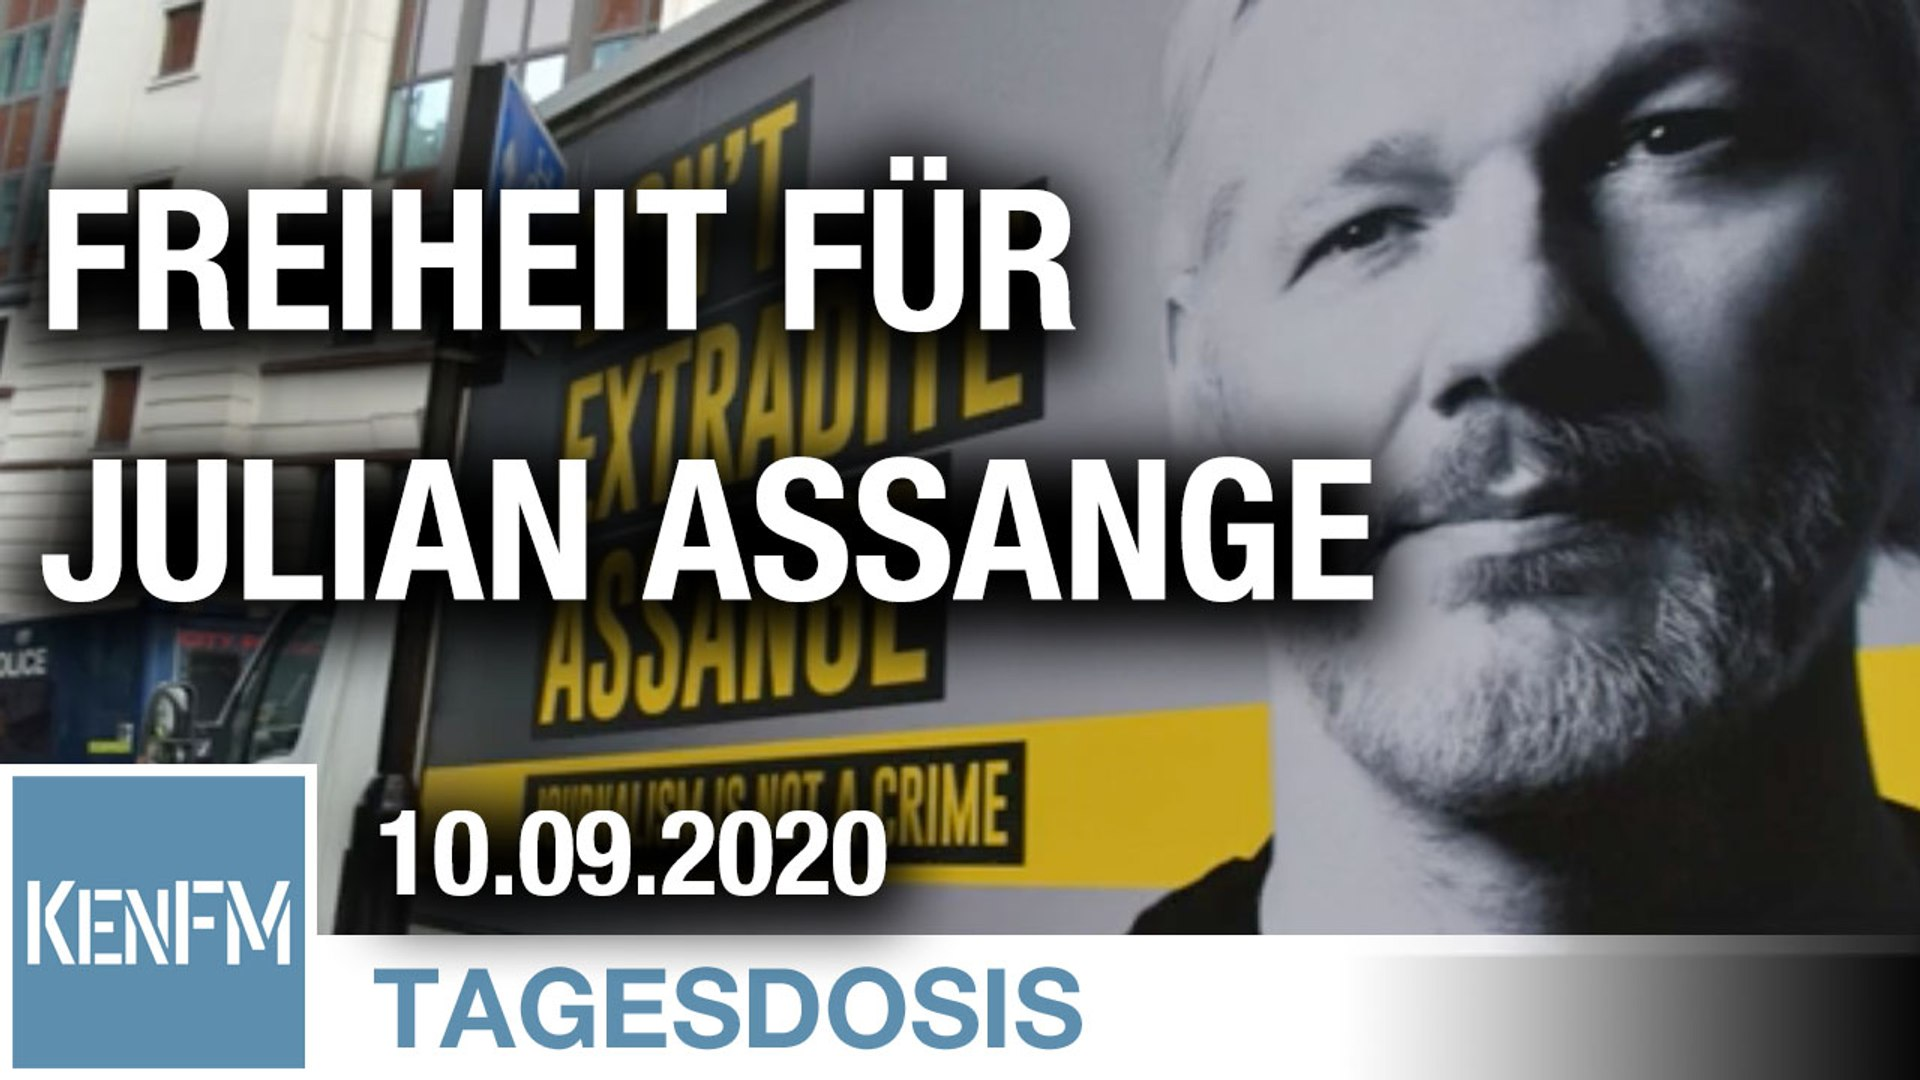 Freiheit für Julian Assange - Free Assange, now | Von Bernhard Loyen